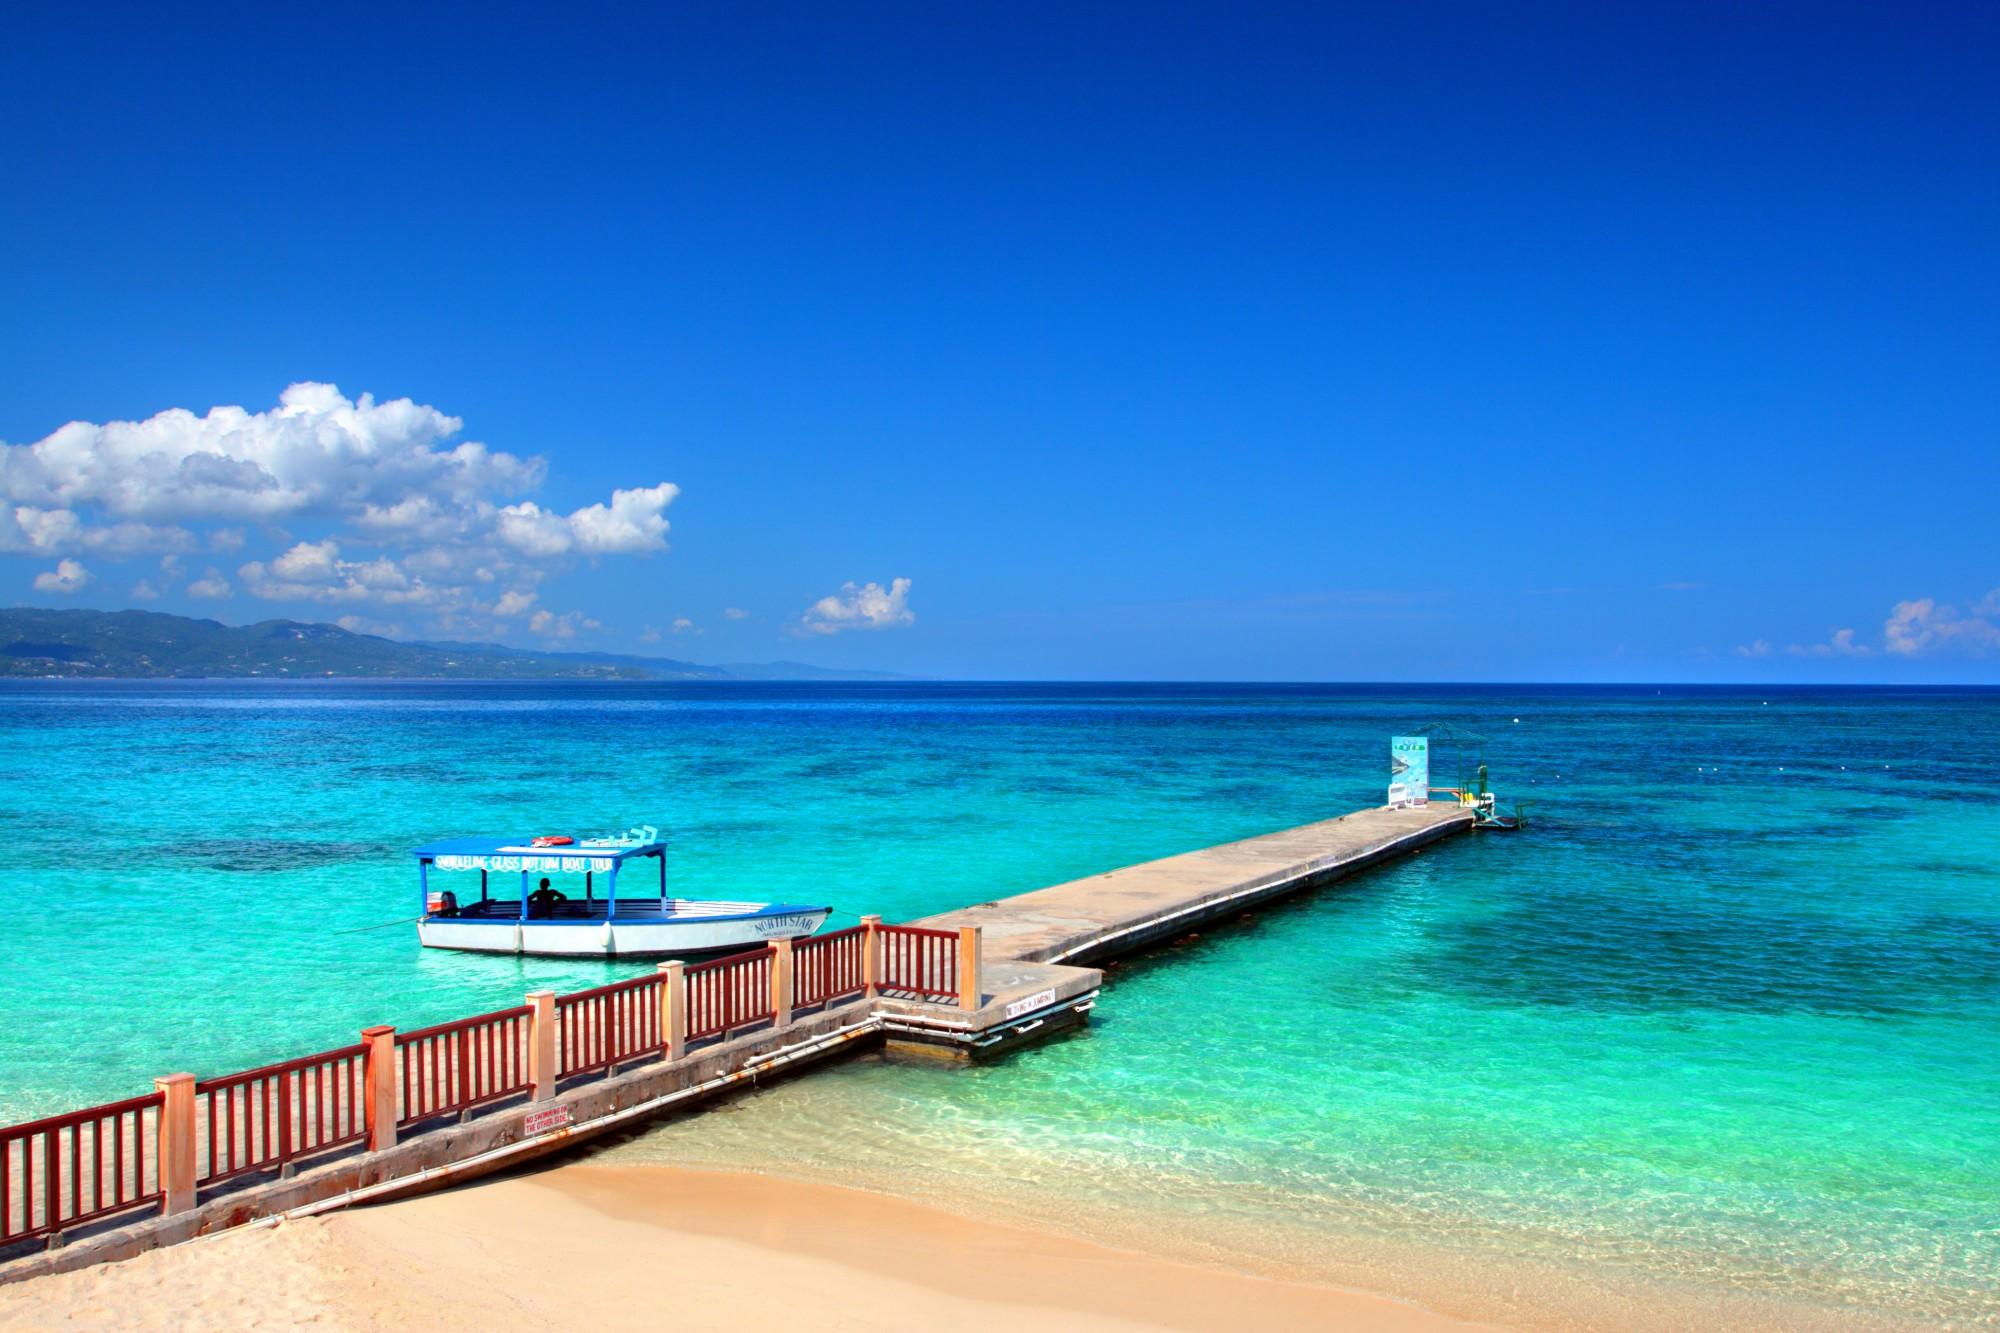 Nejkrásnější pláže na Turks a Caicos